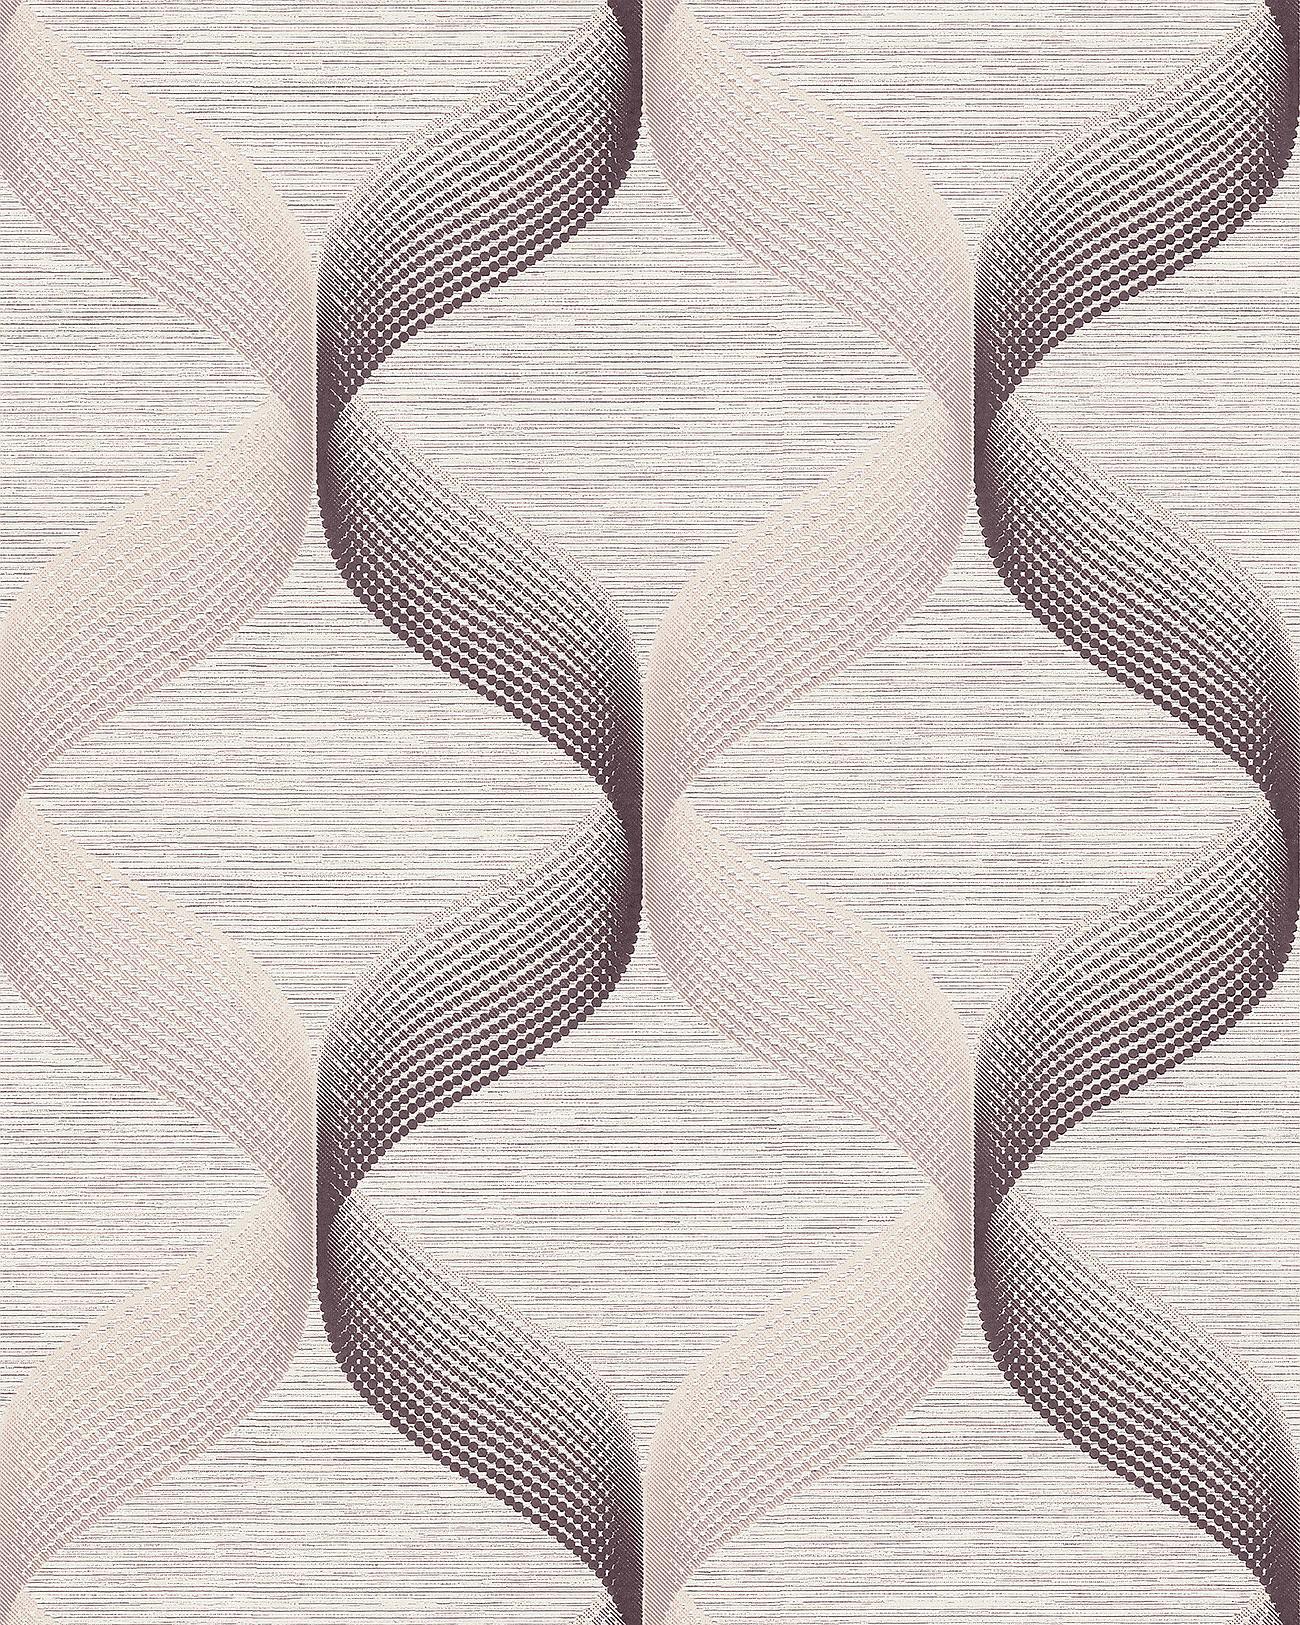 Retro Tapete EDEM 1034 14 Vinyltapete Strukturiert Mit Grafischem Muster  Glitzernd Creme Beige Braun 5 ...